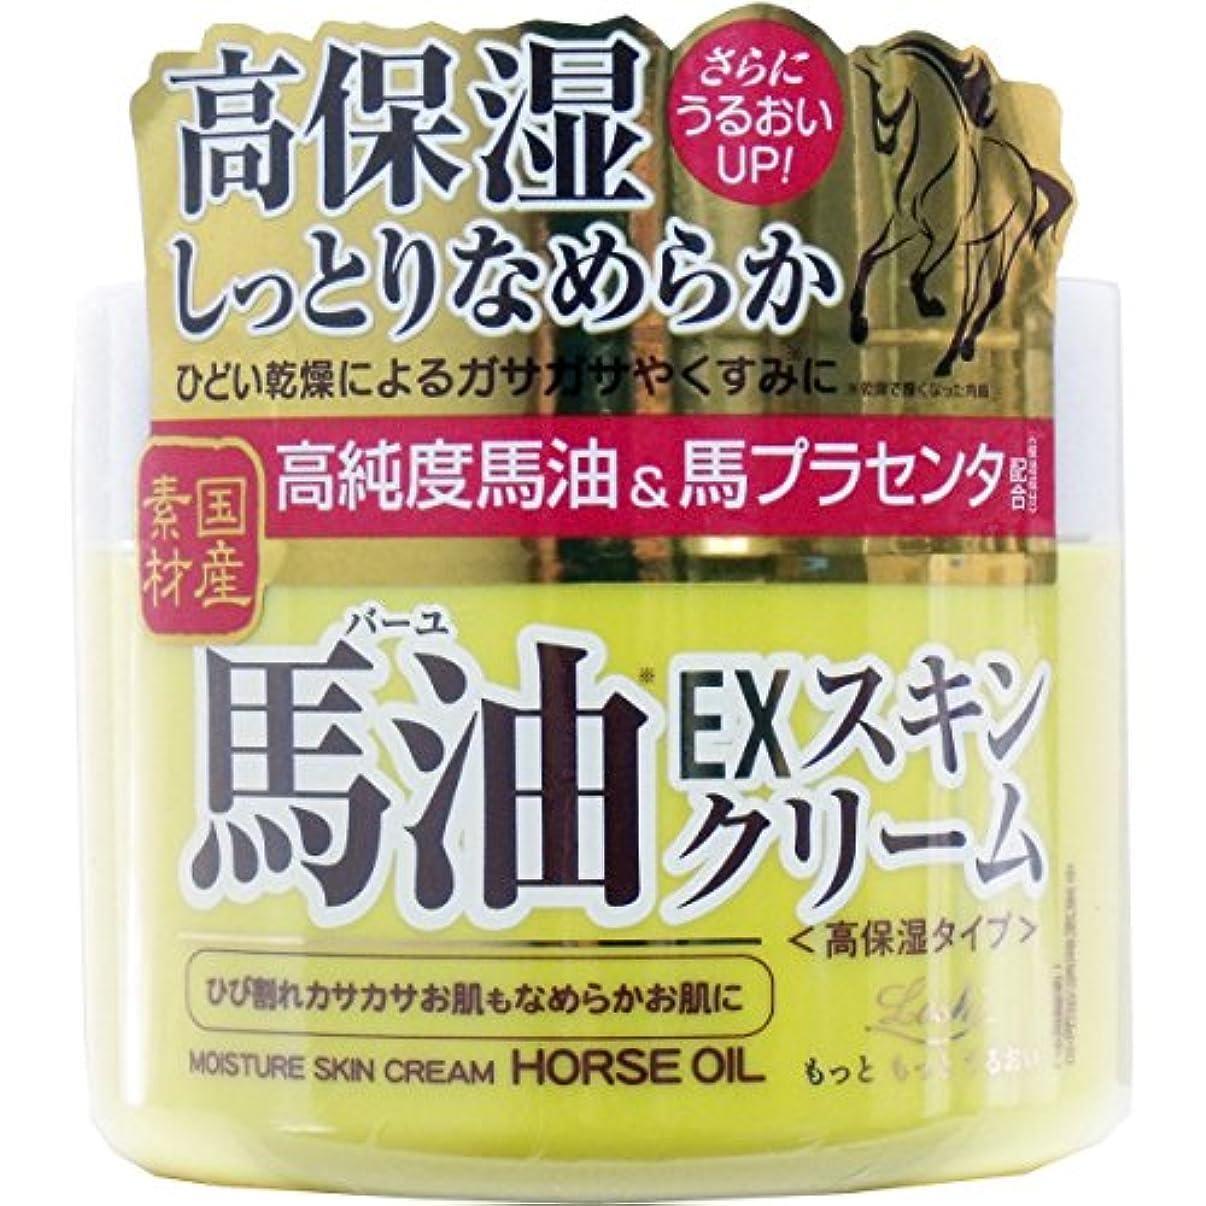 弓汚染するピューロッシモイストエイド EXスキンクリームBA 100g【6個入りセット】